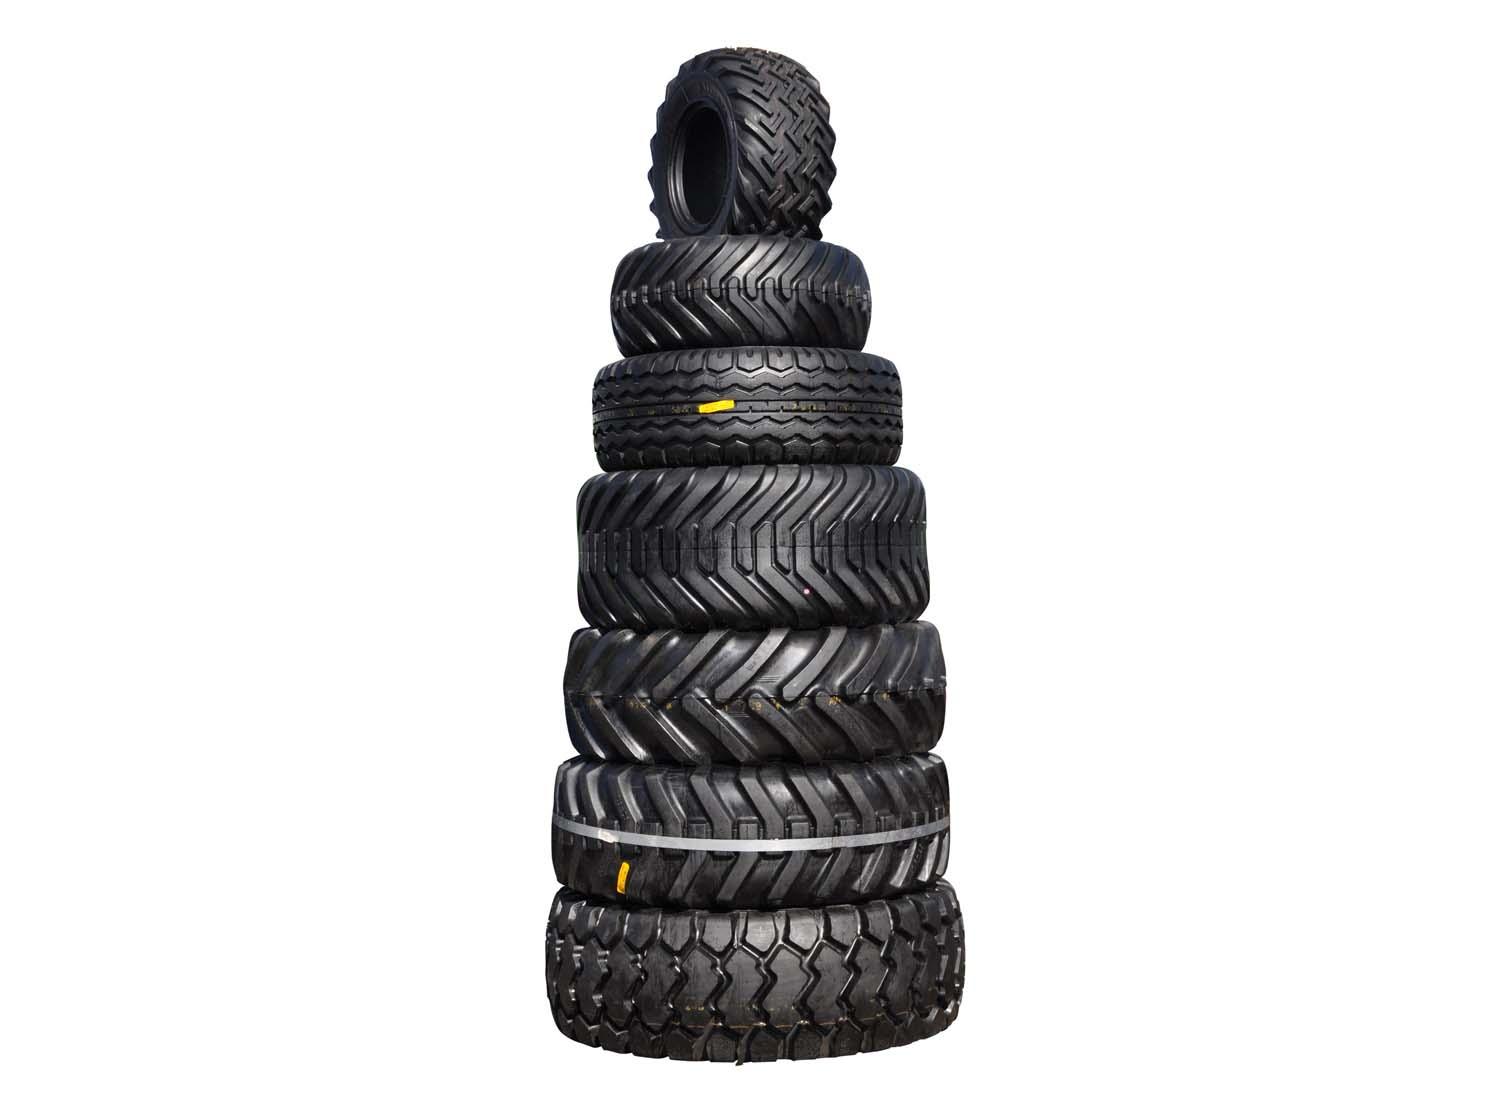 Tractor tyres. Image courtesy: Freerange.com